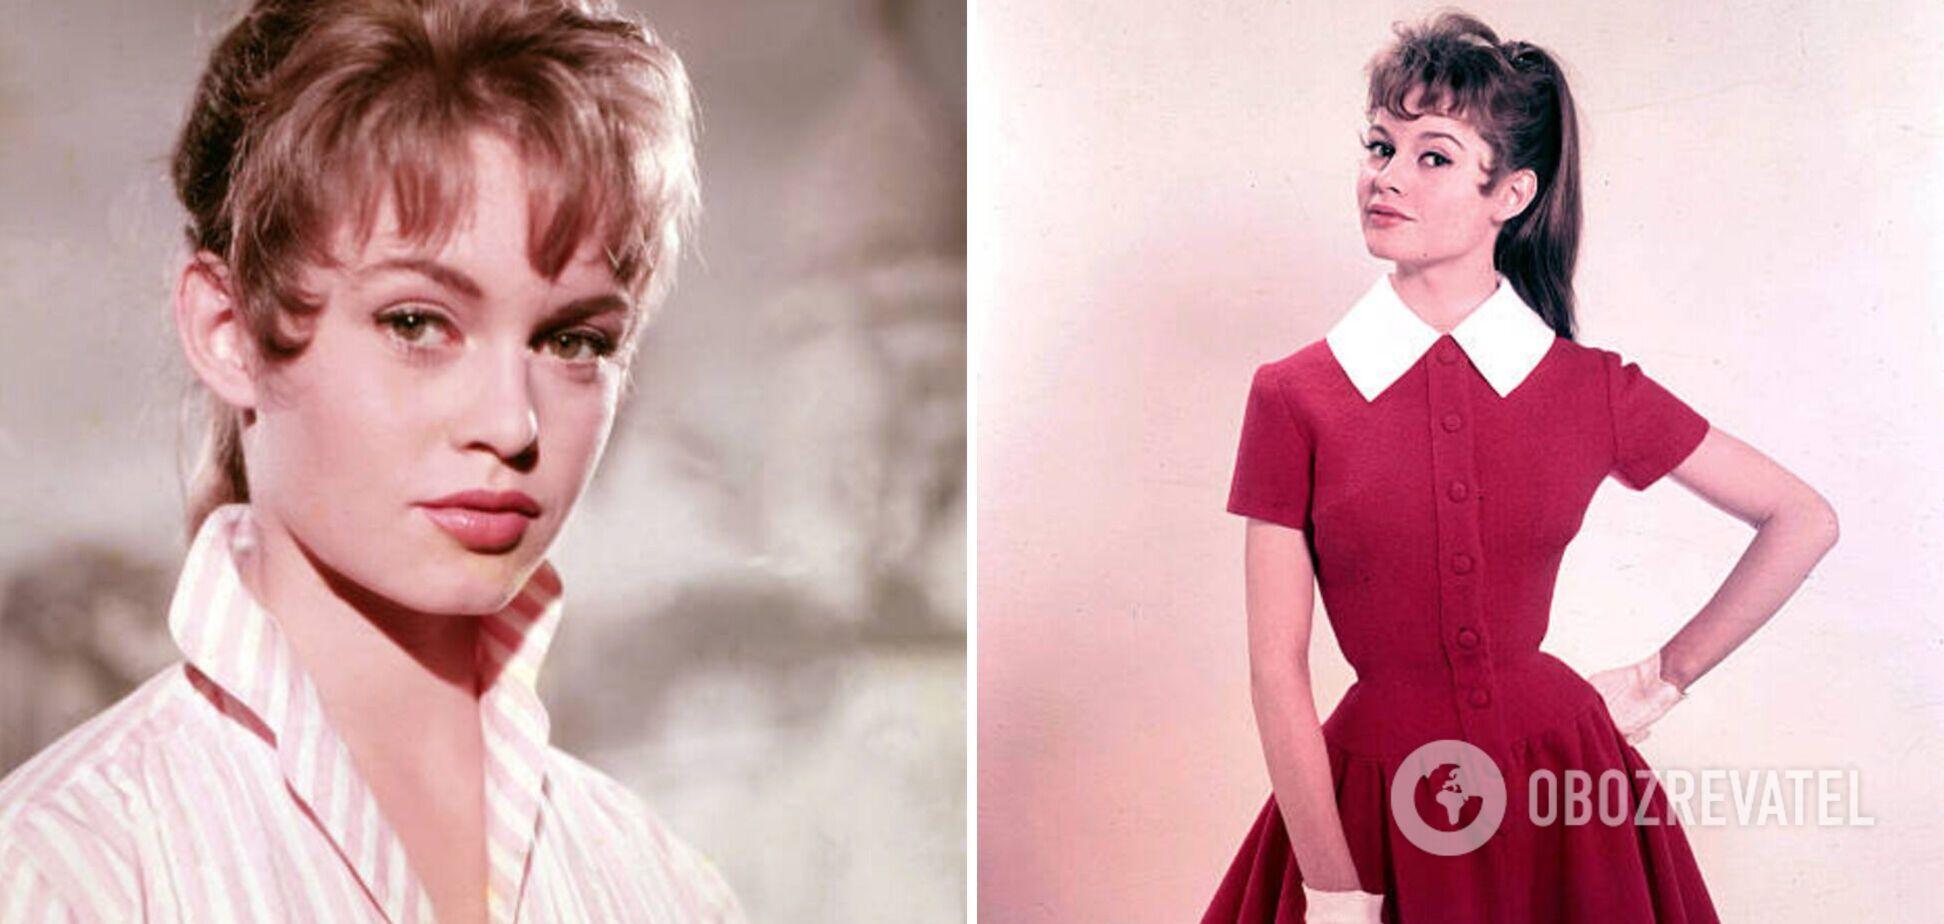 Брижит Бардо – 86: как менялась внешность главной красавицы ХХ века. Фото